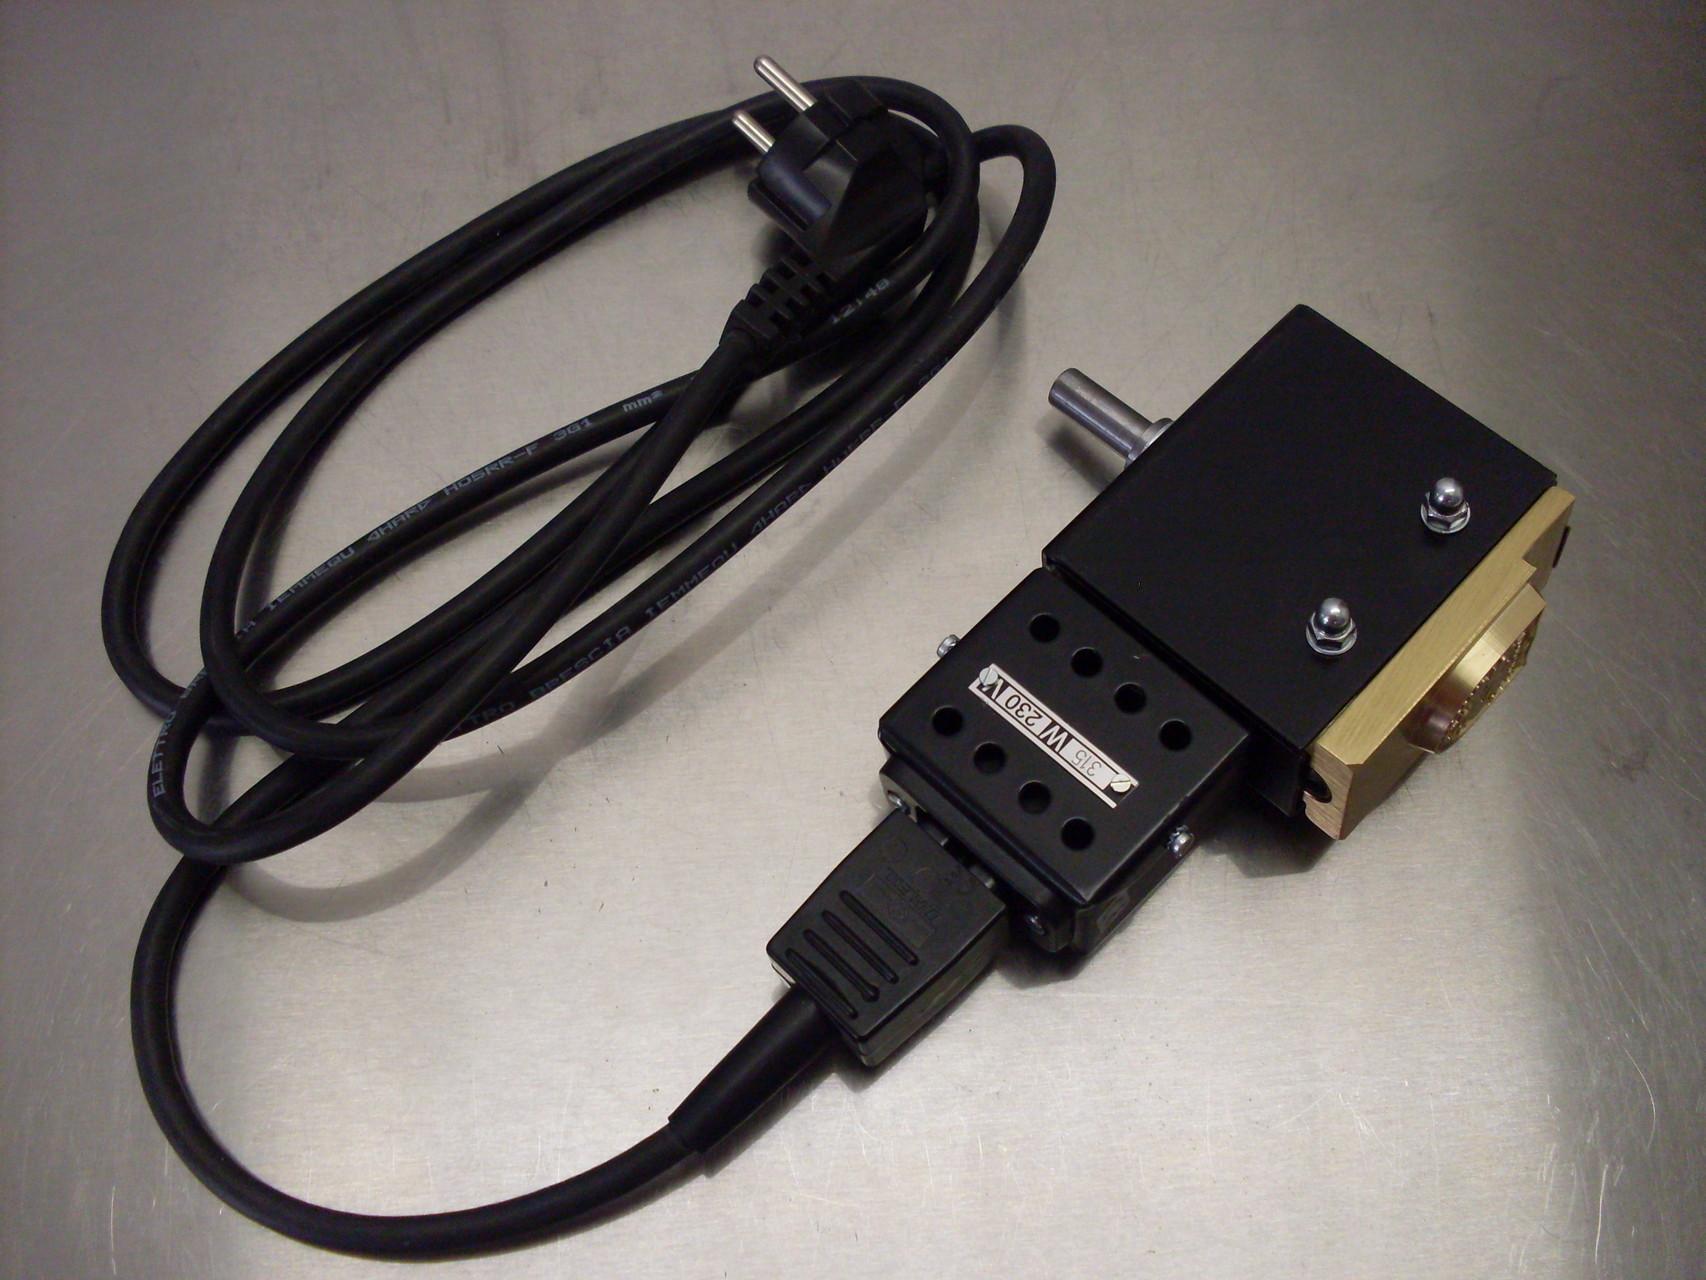 elektrischer Brennstempel mit Aufnahme für z.B. Handhebelpresse oder Ständerbohrmaschine